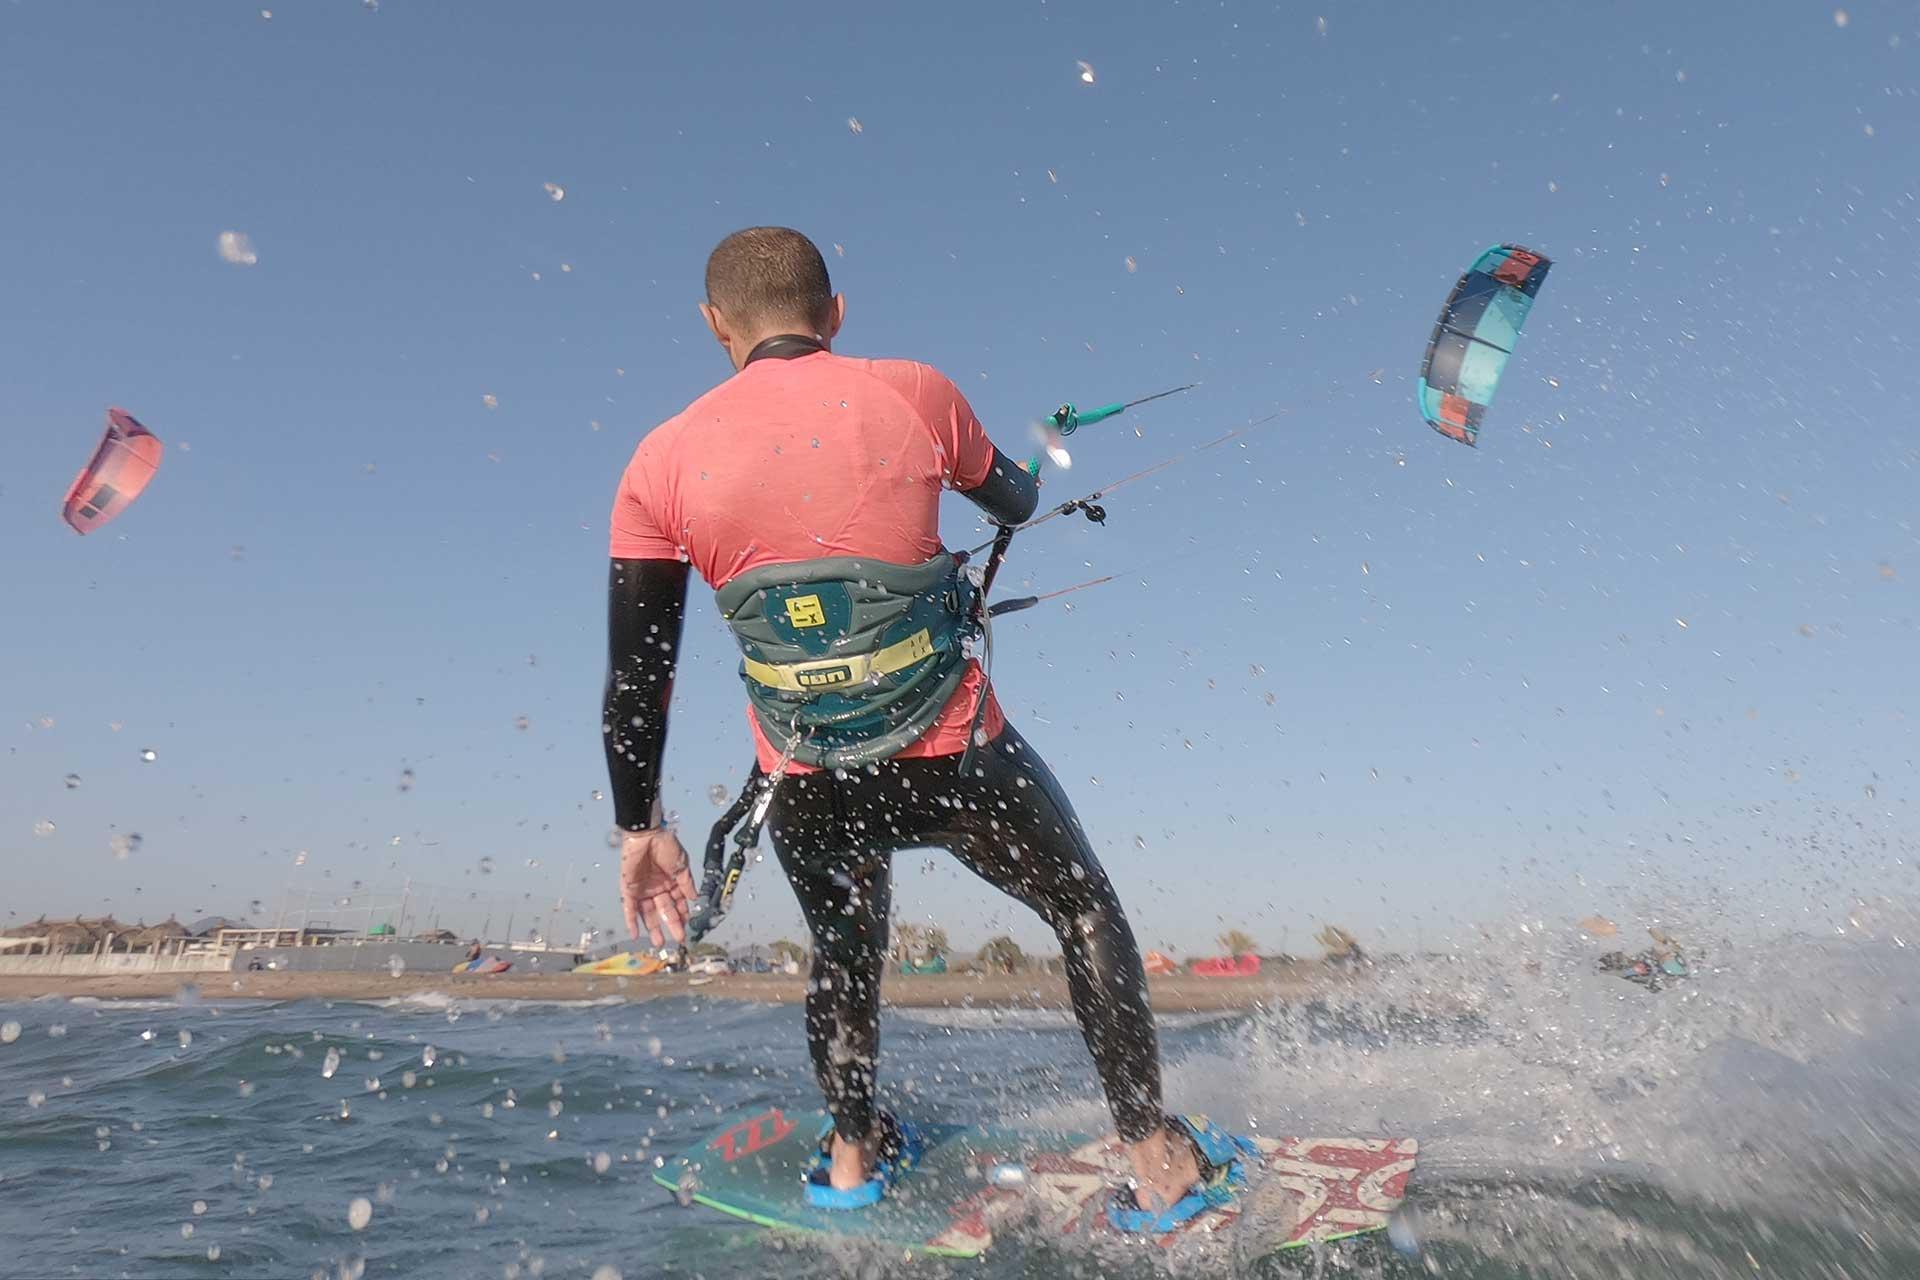 Scuola kite surfCerveteri